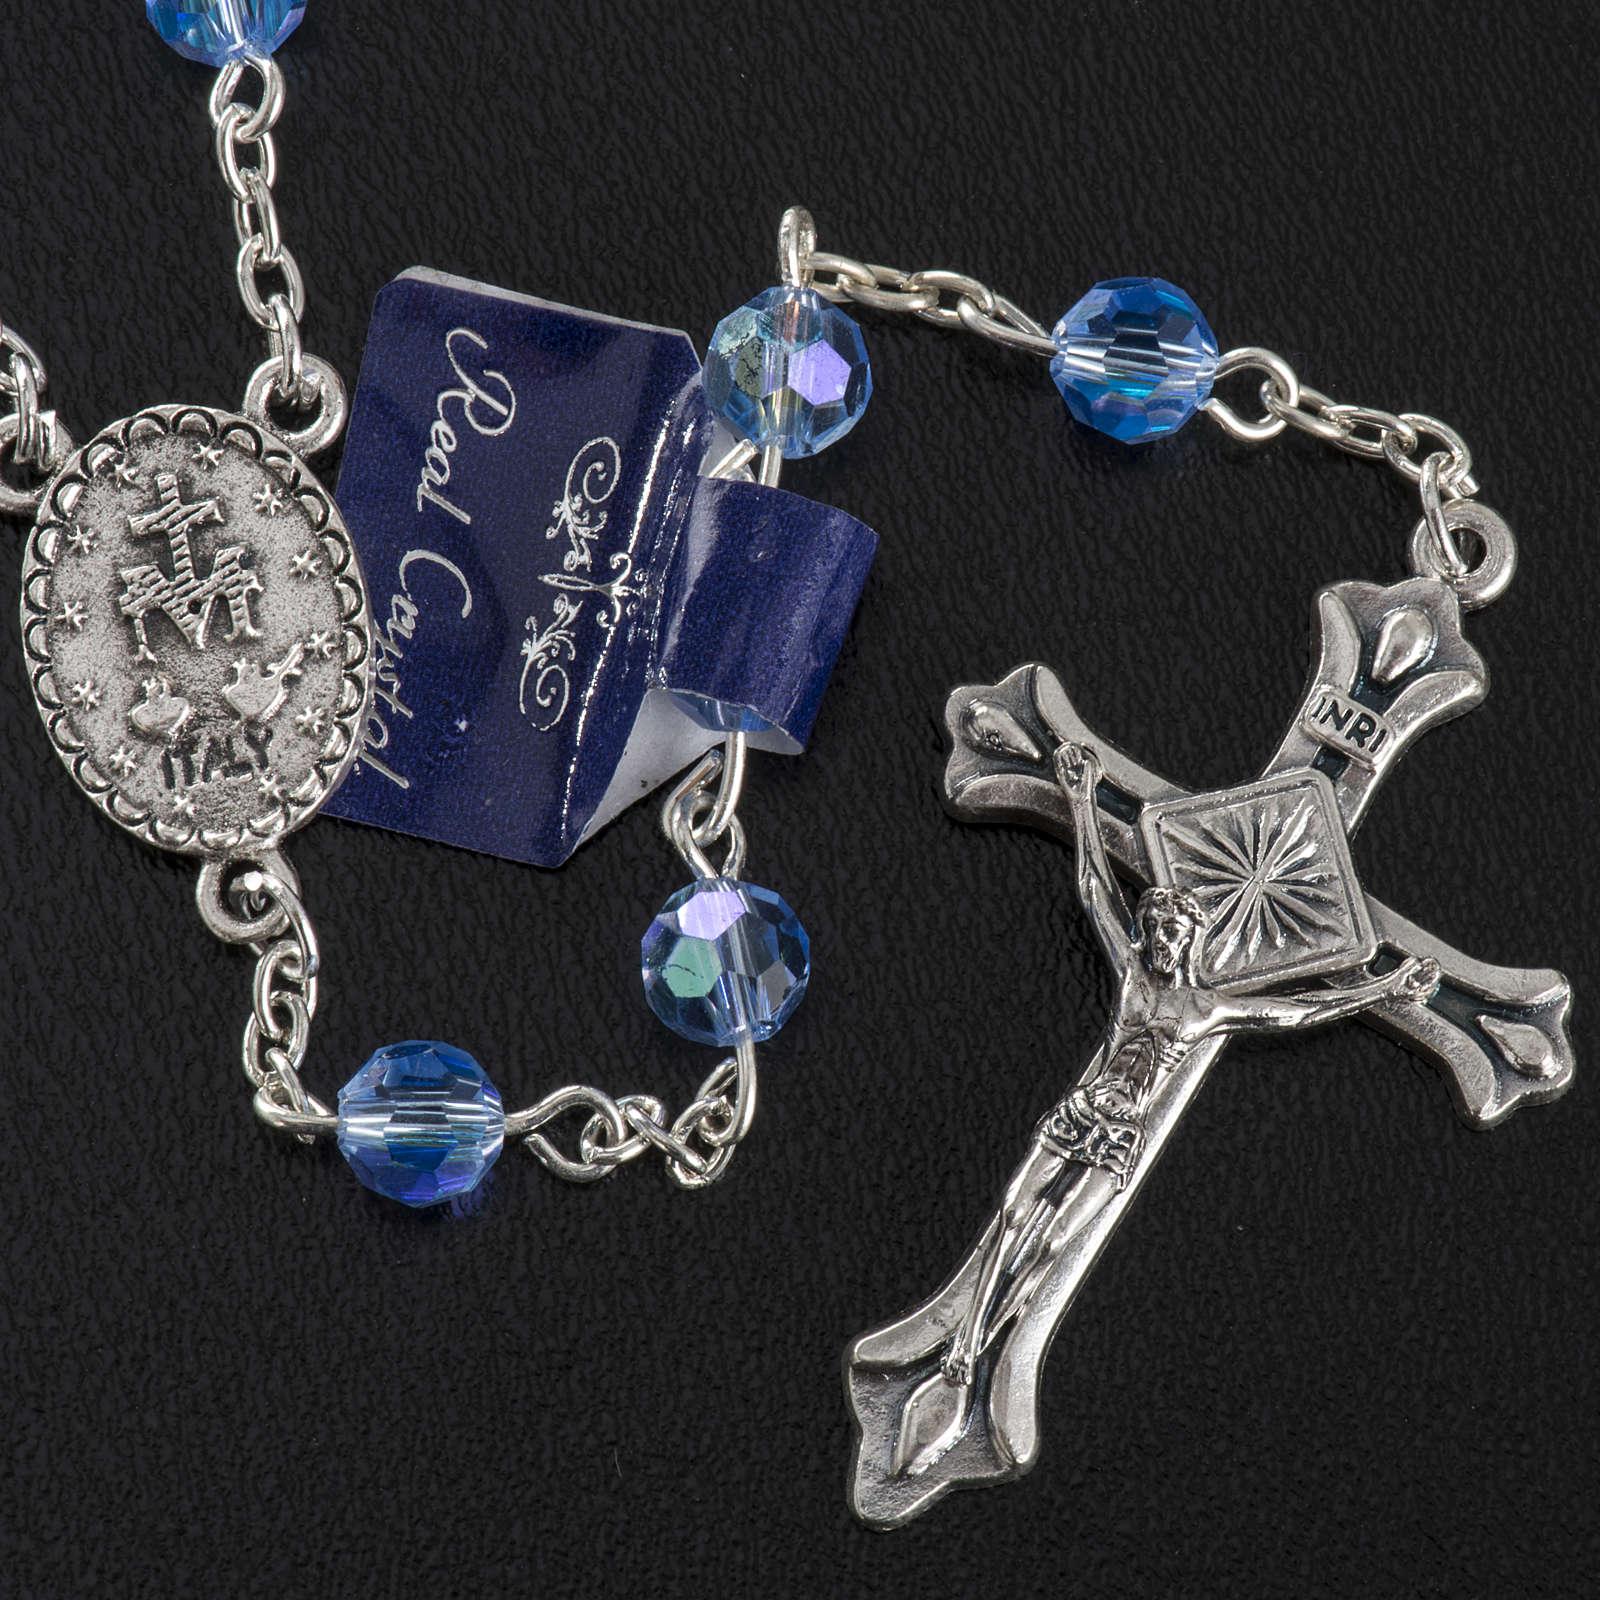 Chapelet cristal bleu ciel 6 mm 4